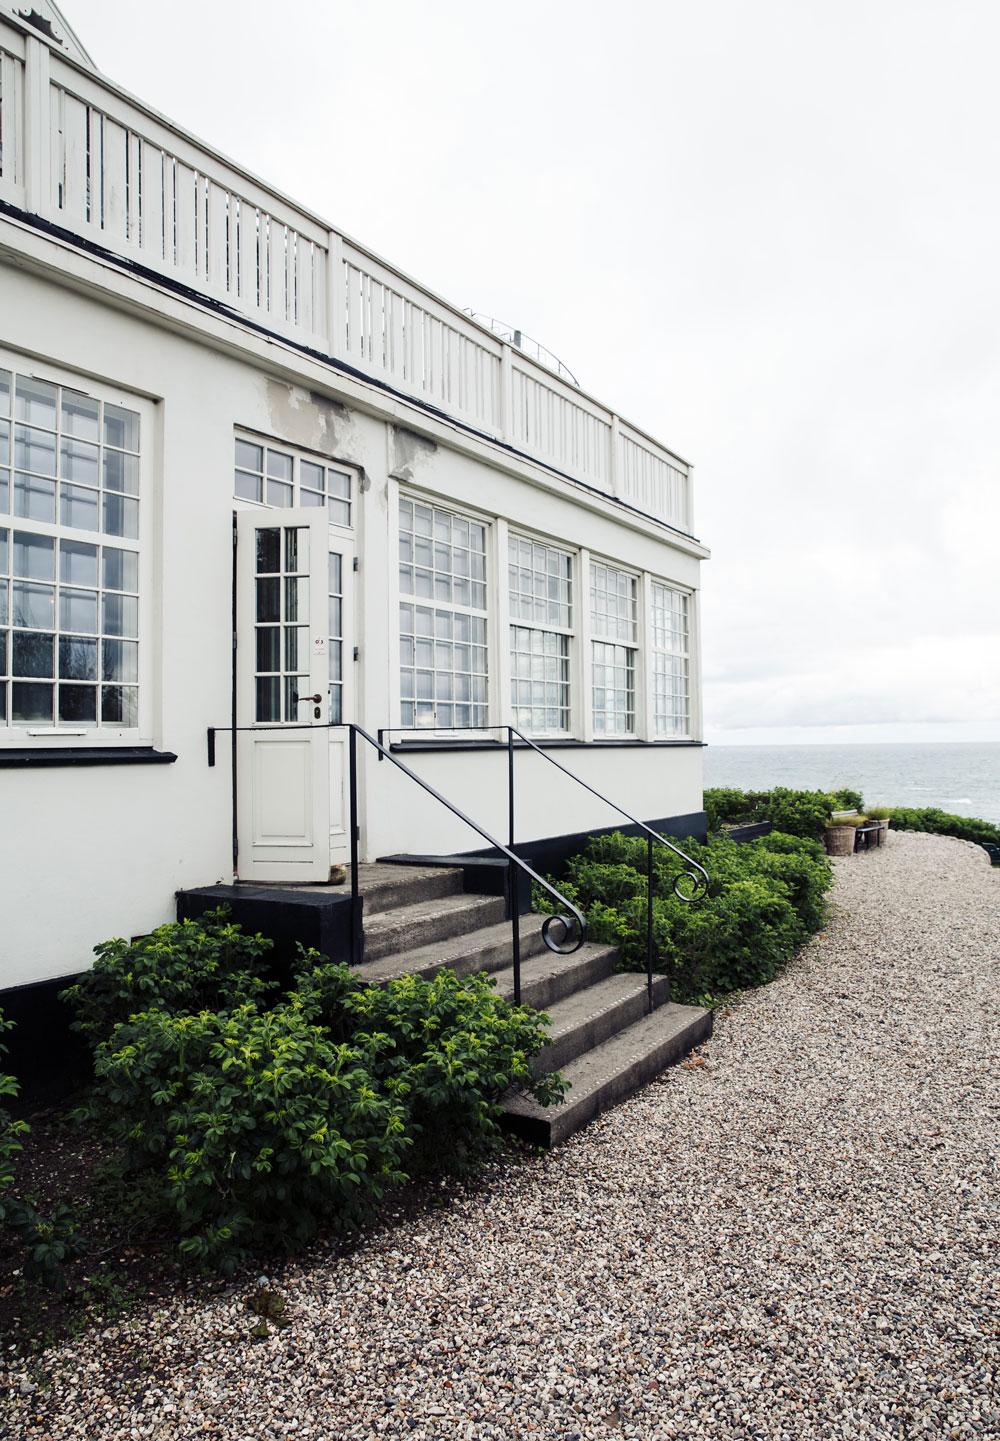 Helenekilde seaside hotel